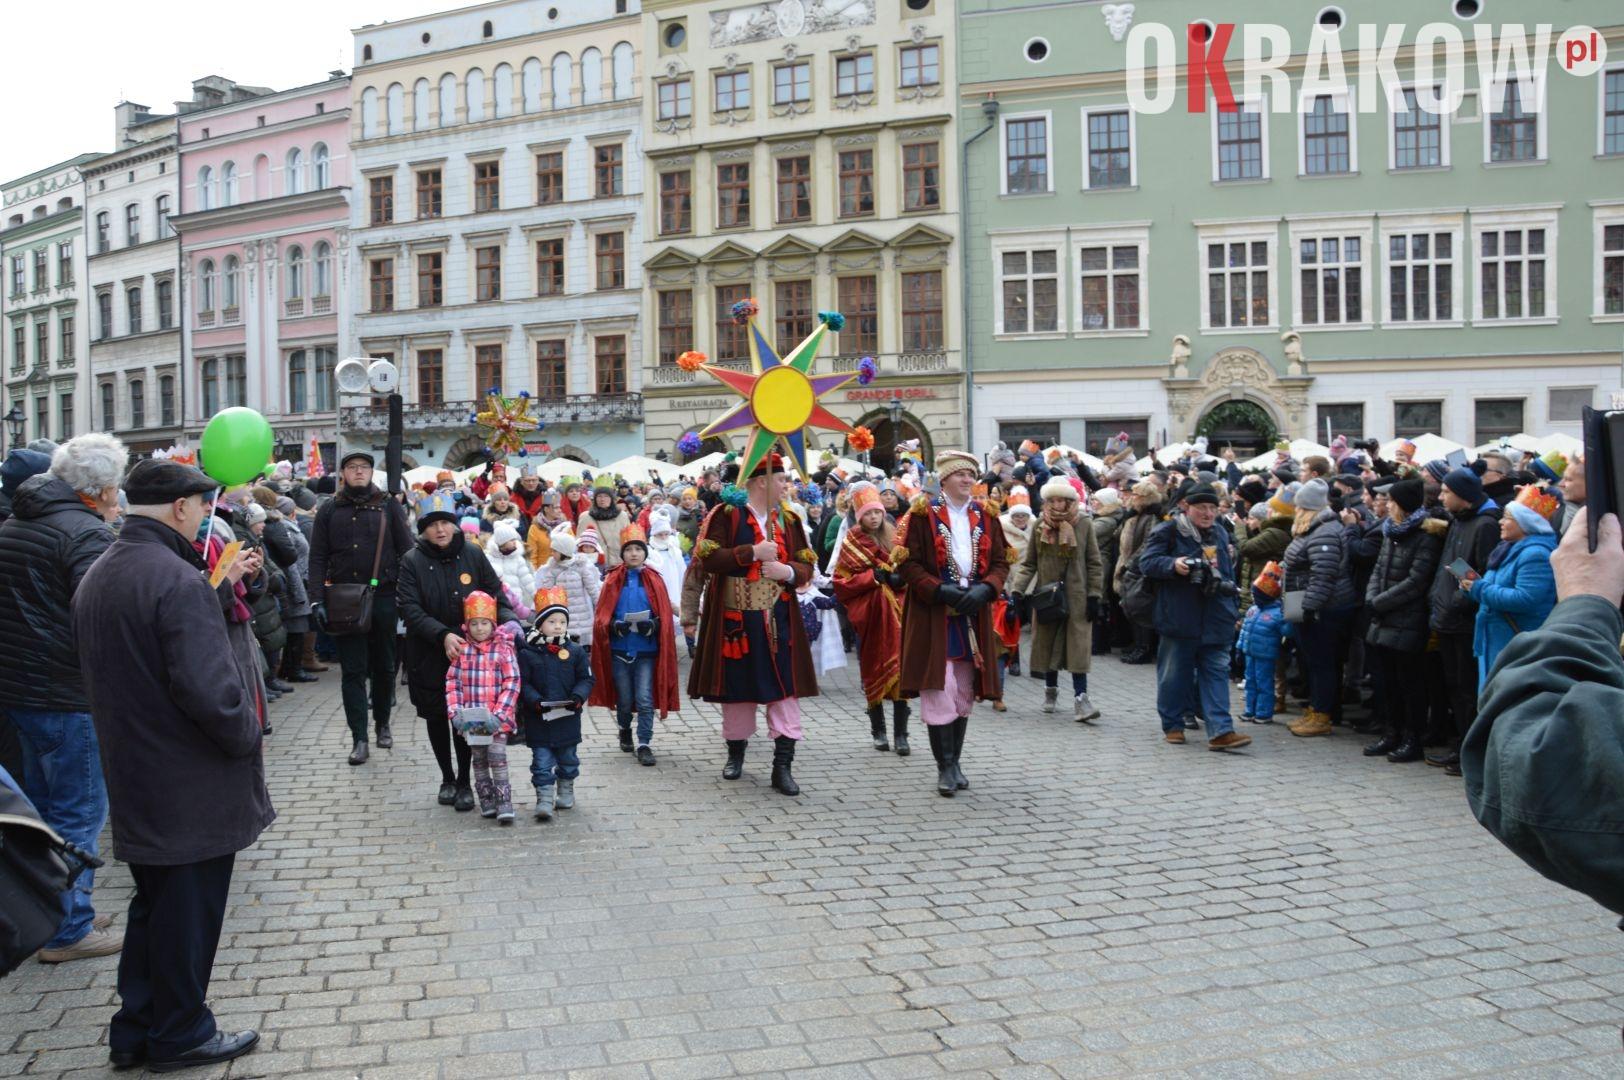 orszak 38 1 150x150 - Orszak Trzech Króli Kraków 2020 Galeria Zdjęć z Orszaku (czerwonego)